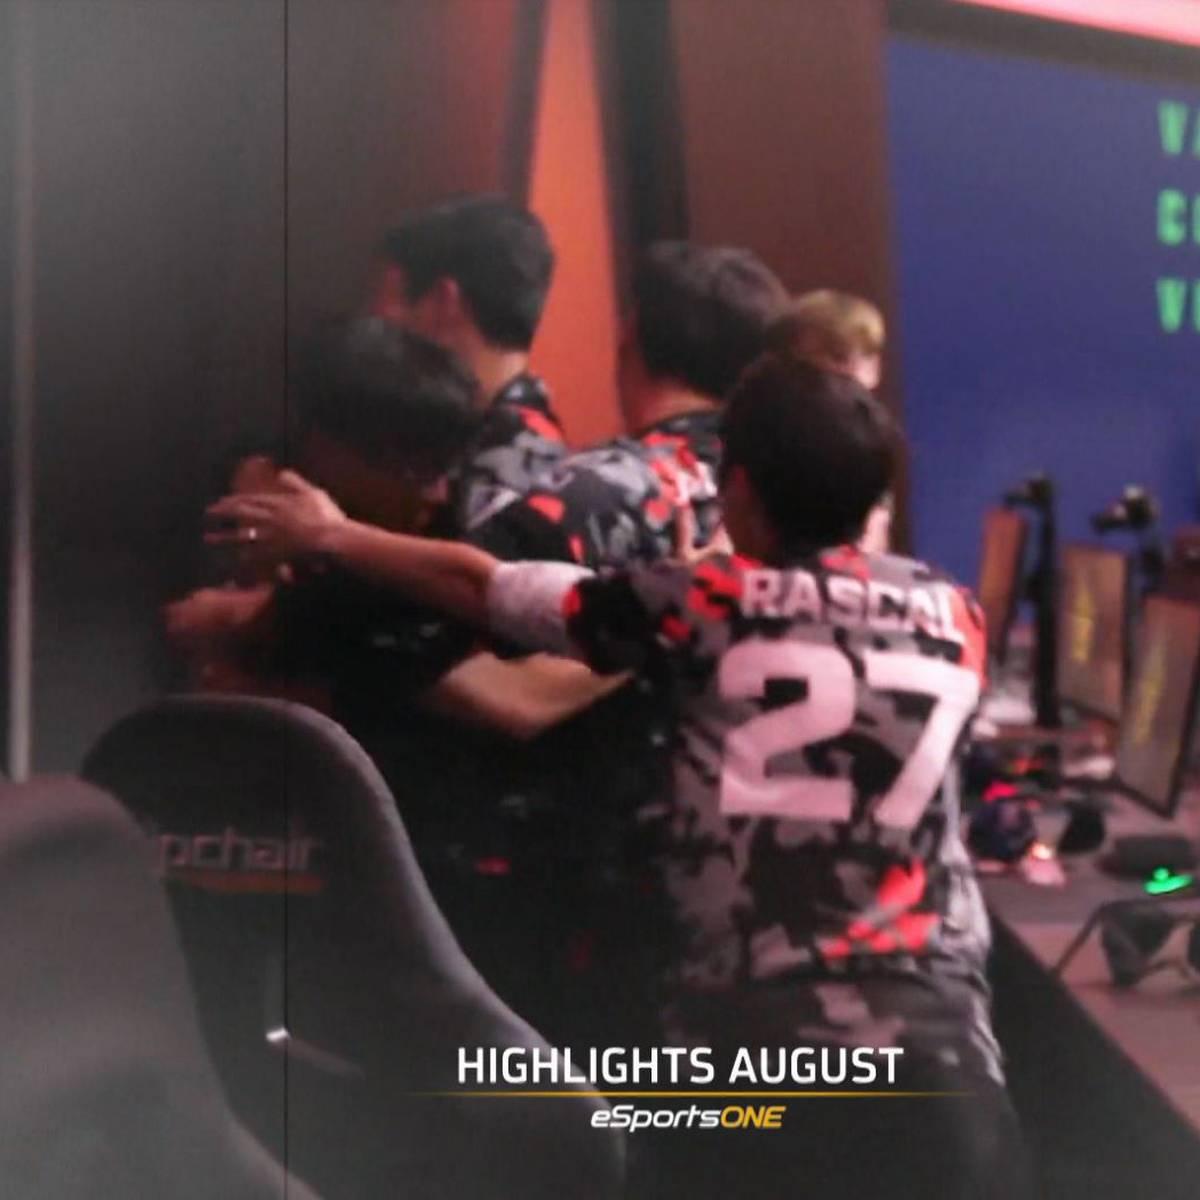 Das sind die Highlights auf eSPORTS1 im August